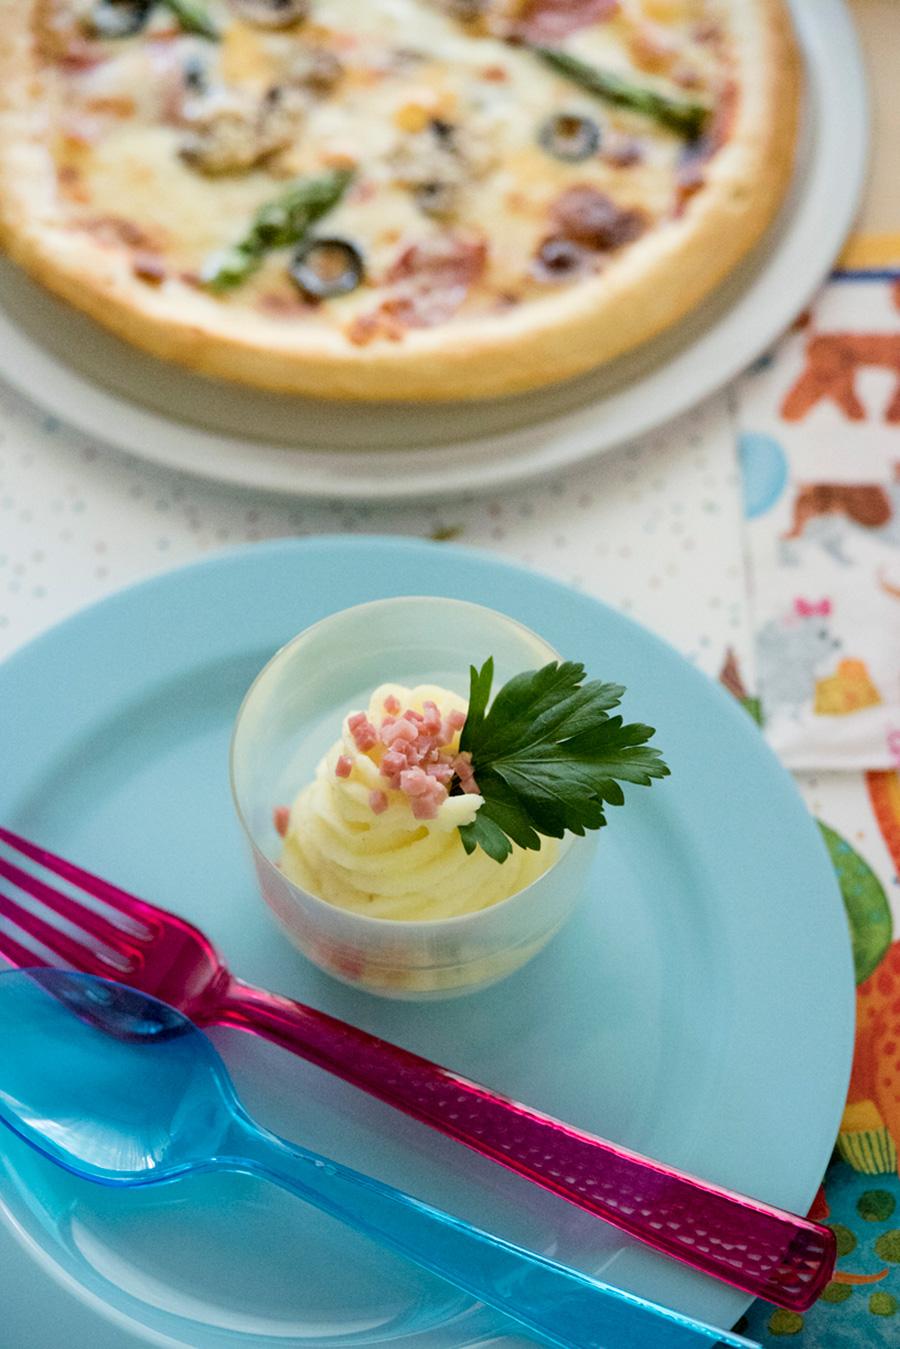 濃厚なミルクやたっぷりチーズのコクは、子供にも大人にも満足。